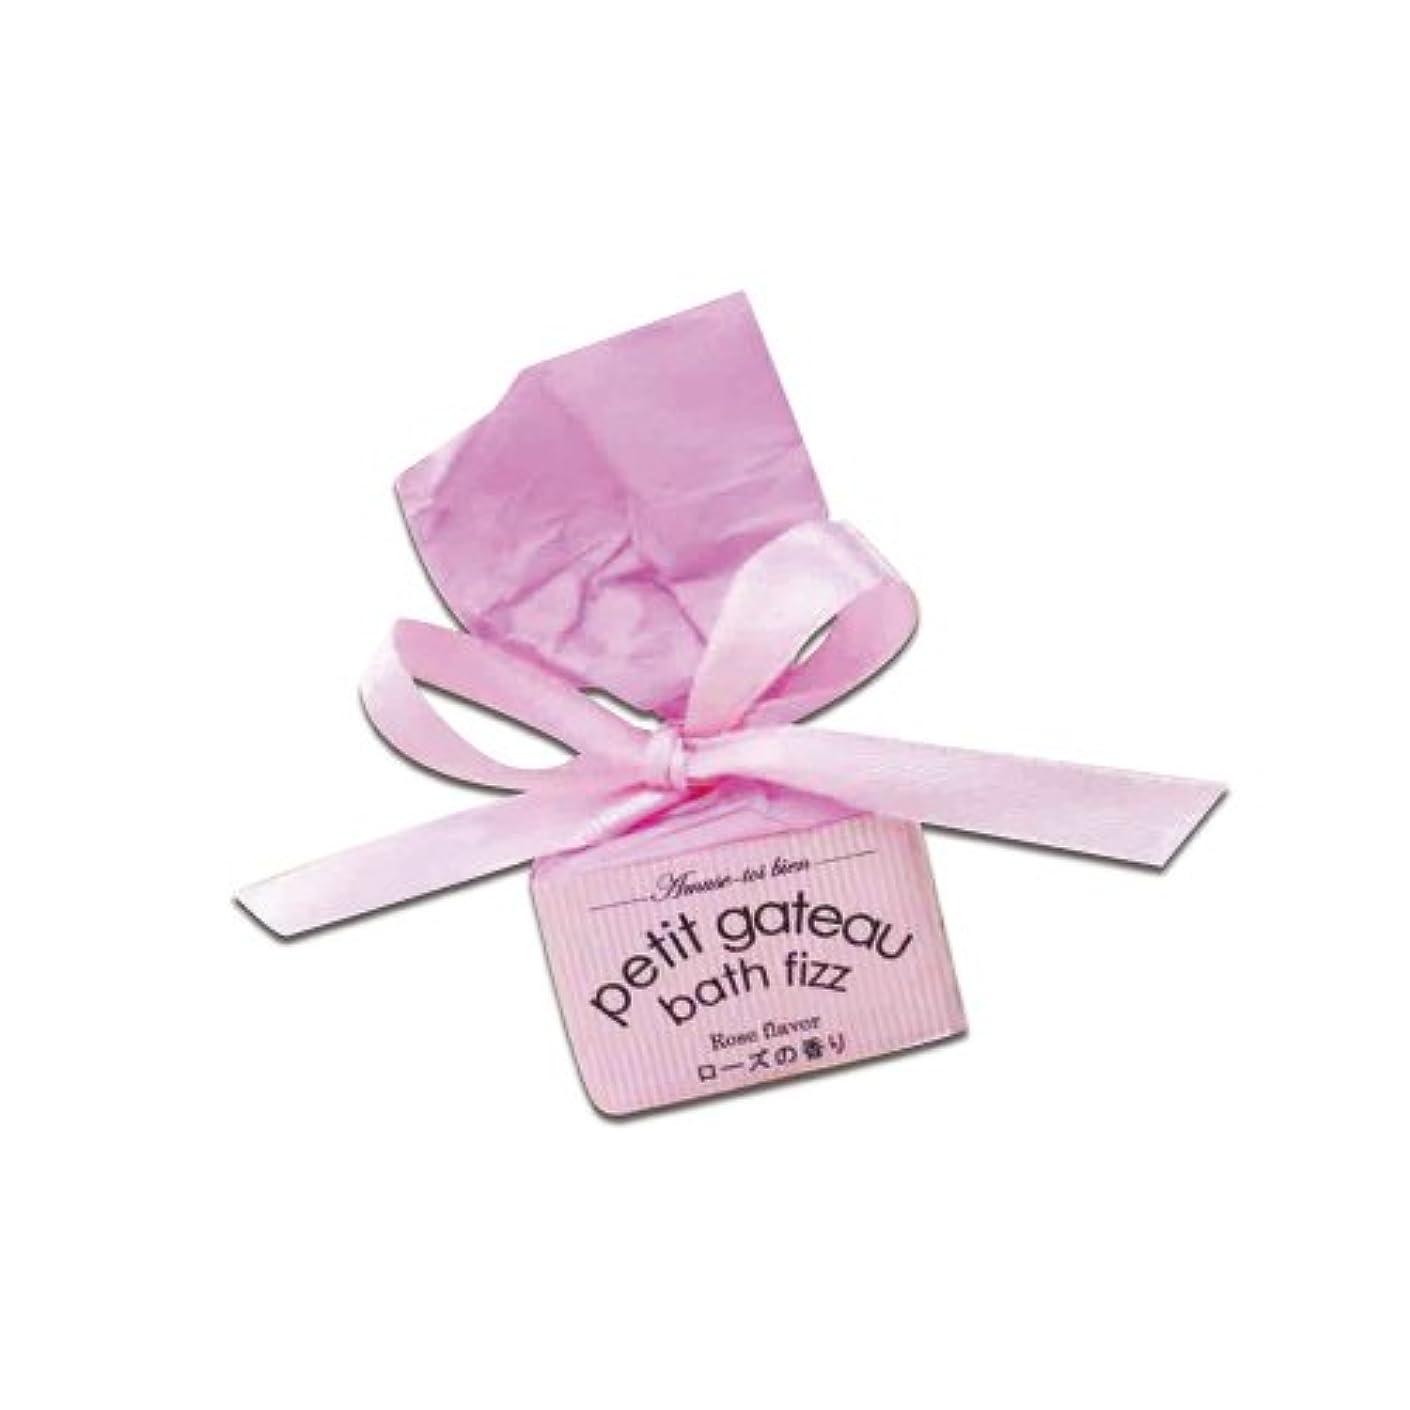 脊椎元の累積プチガトーバスフィザー ローズの香り 12個セット